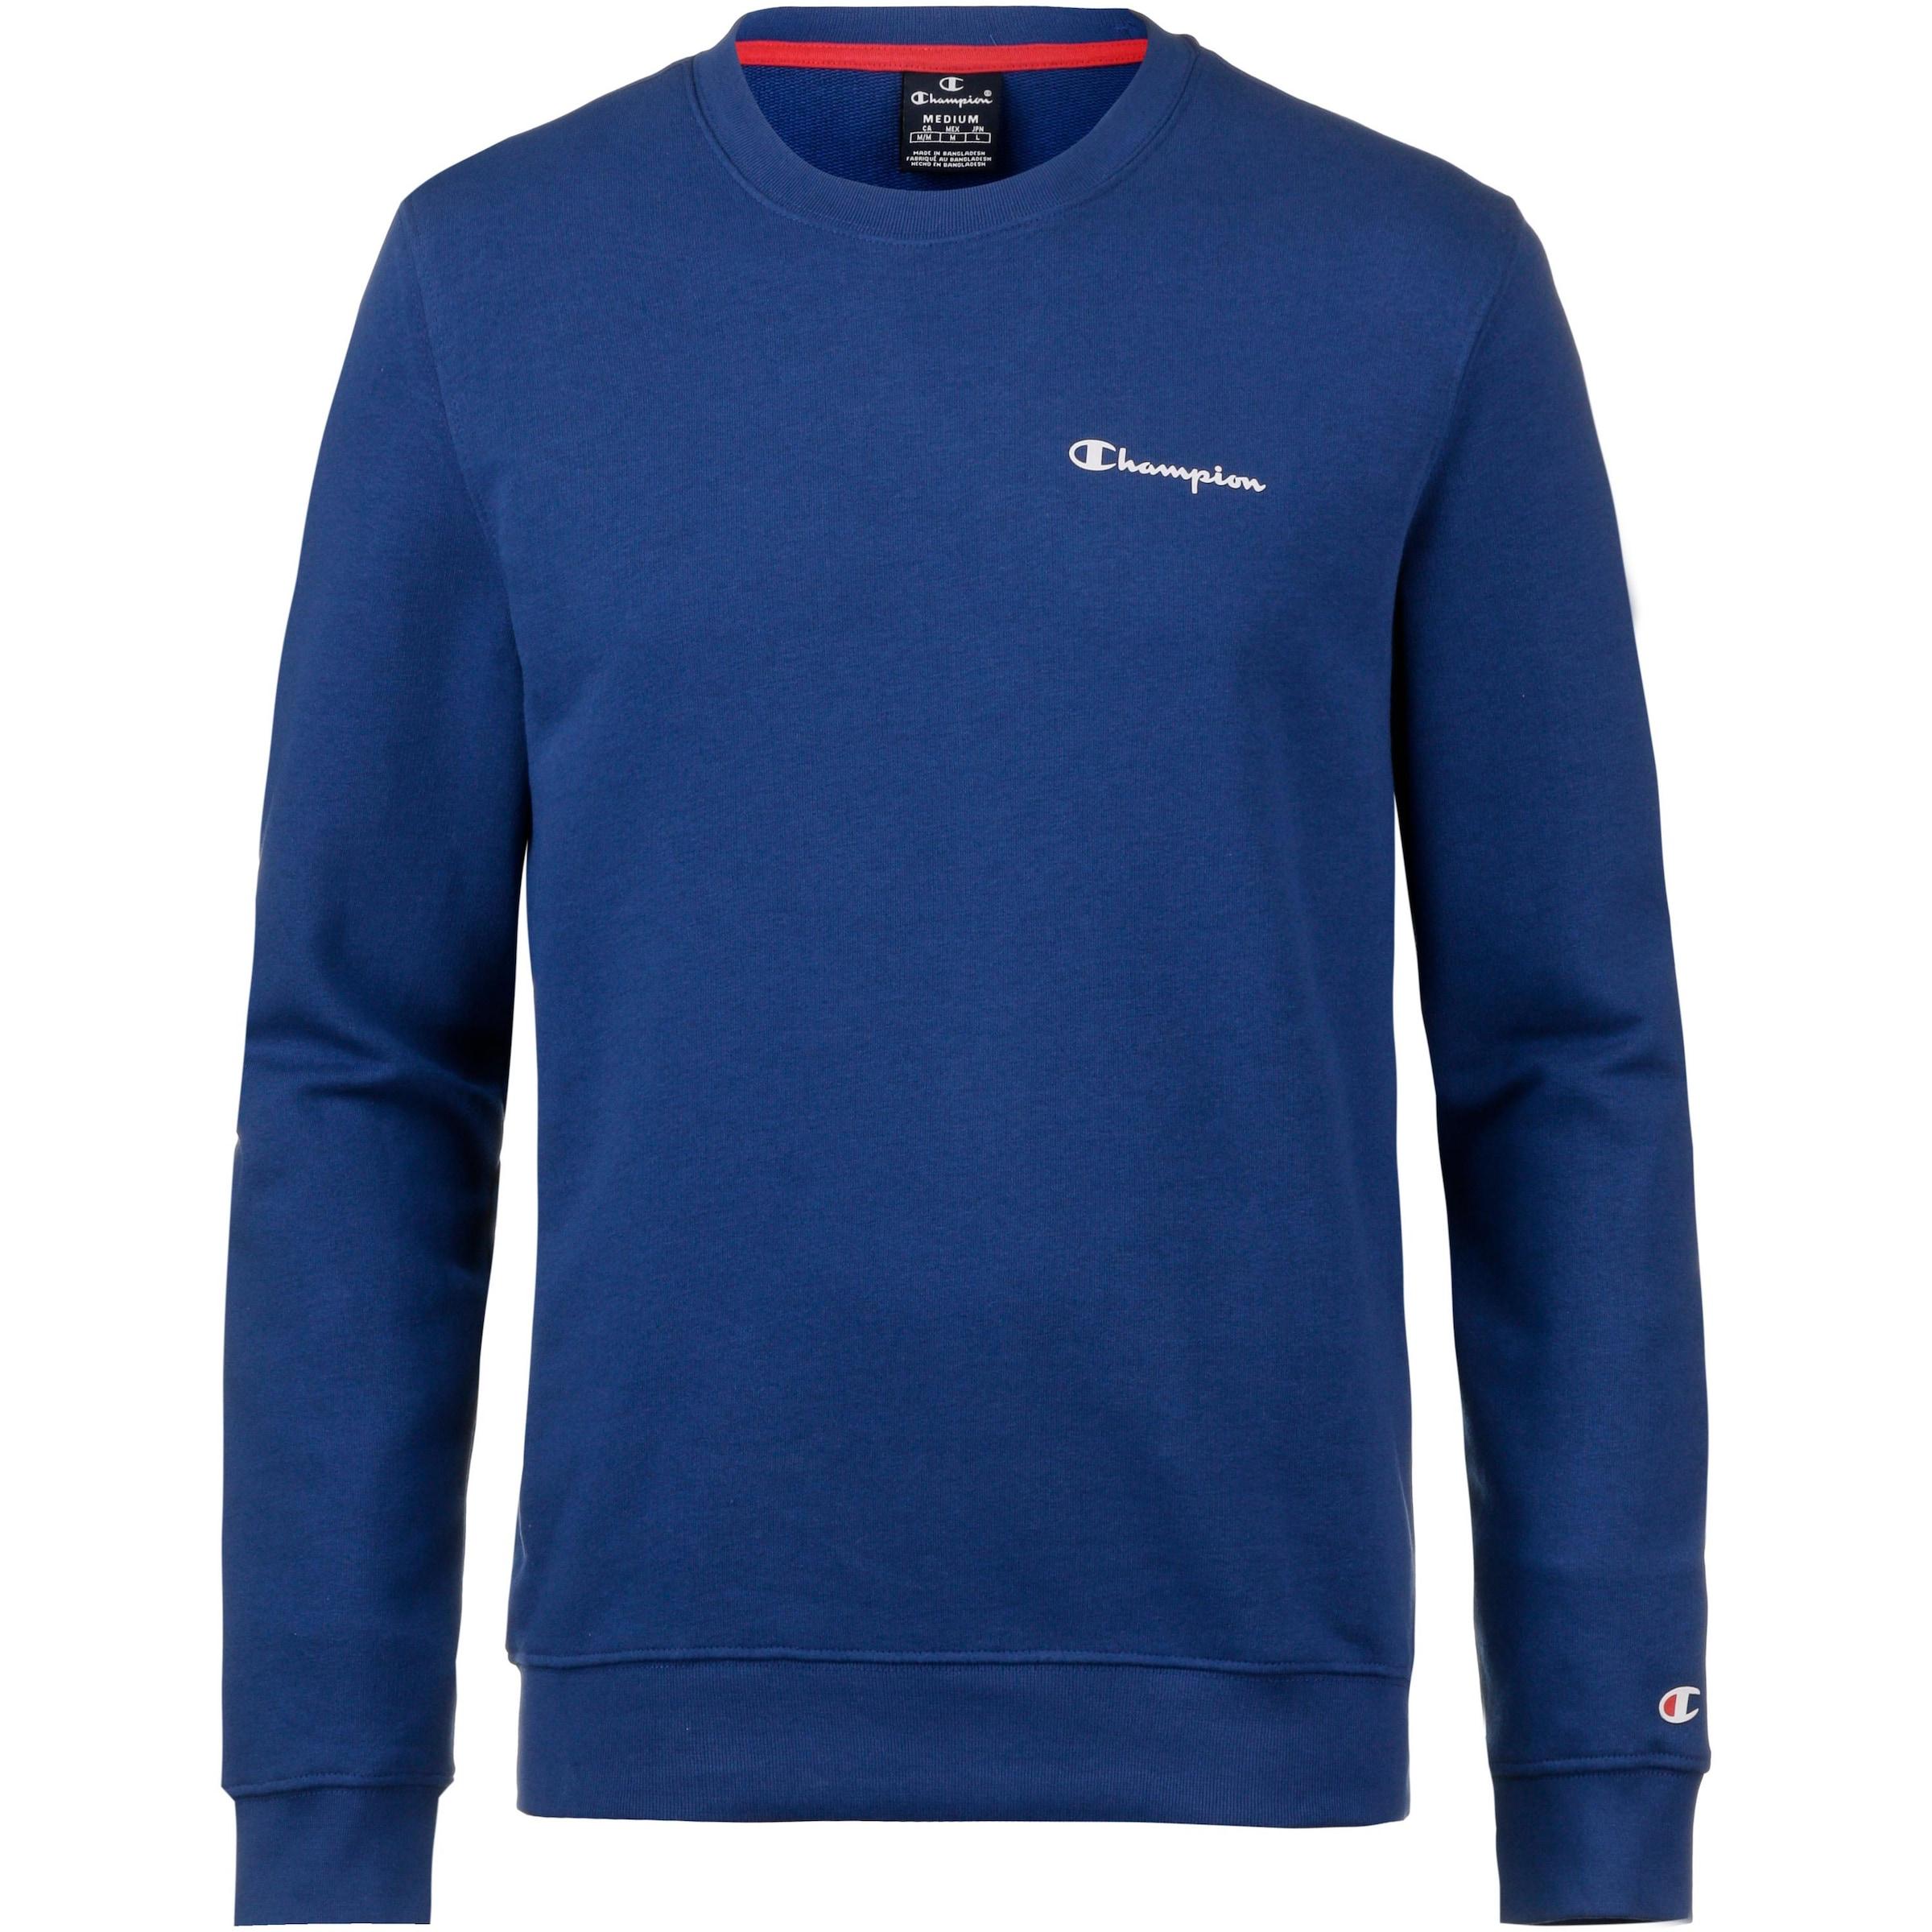 Champion Sweatshirt Apparel In Authentic Athletic Blau ukPiZX